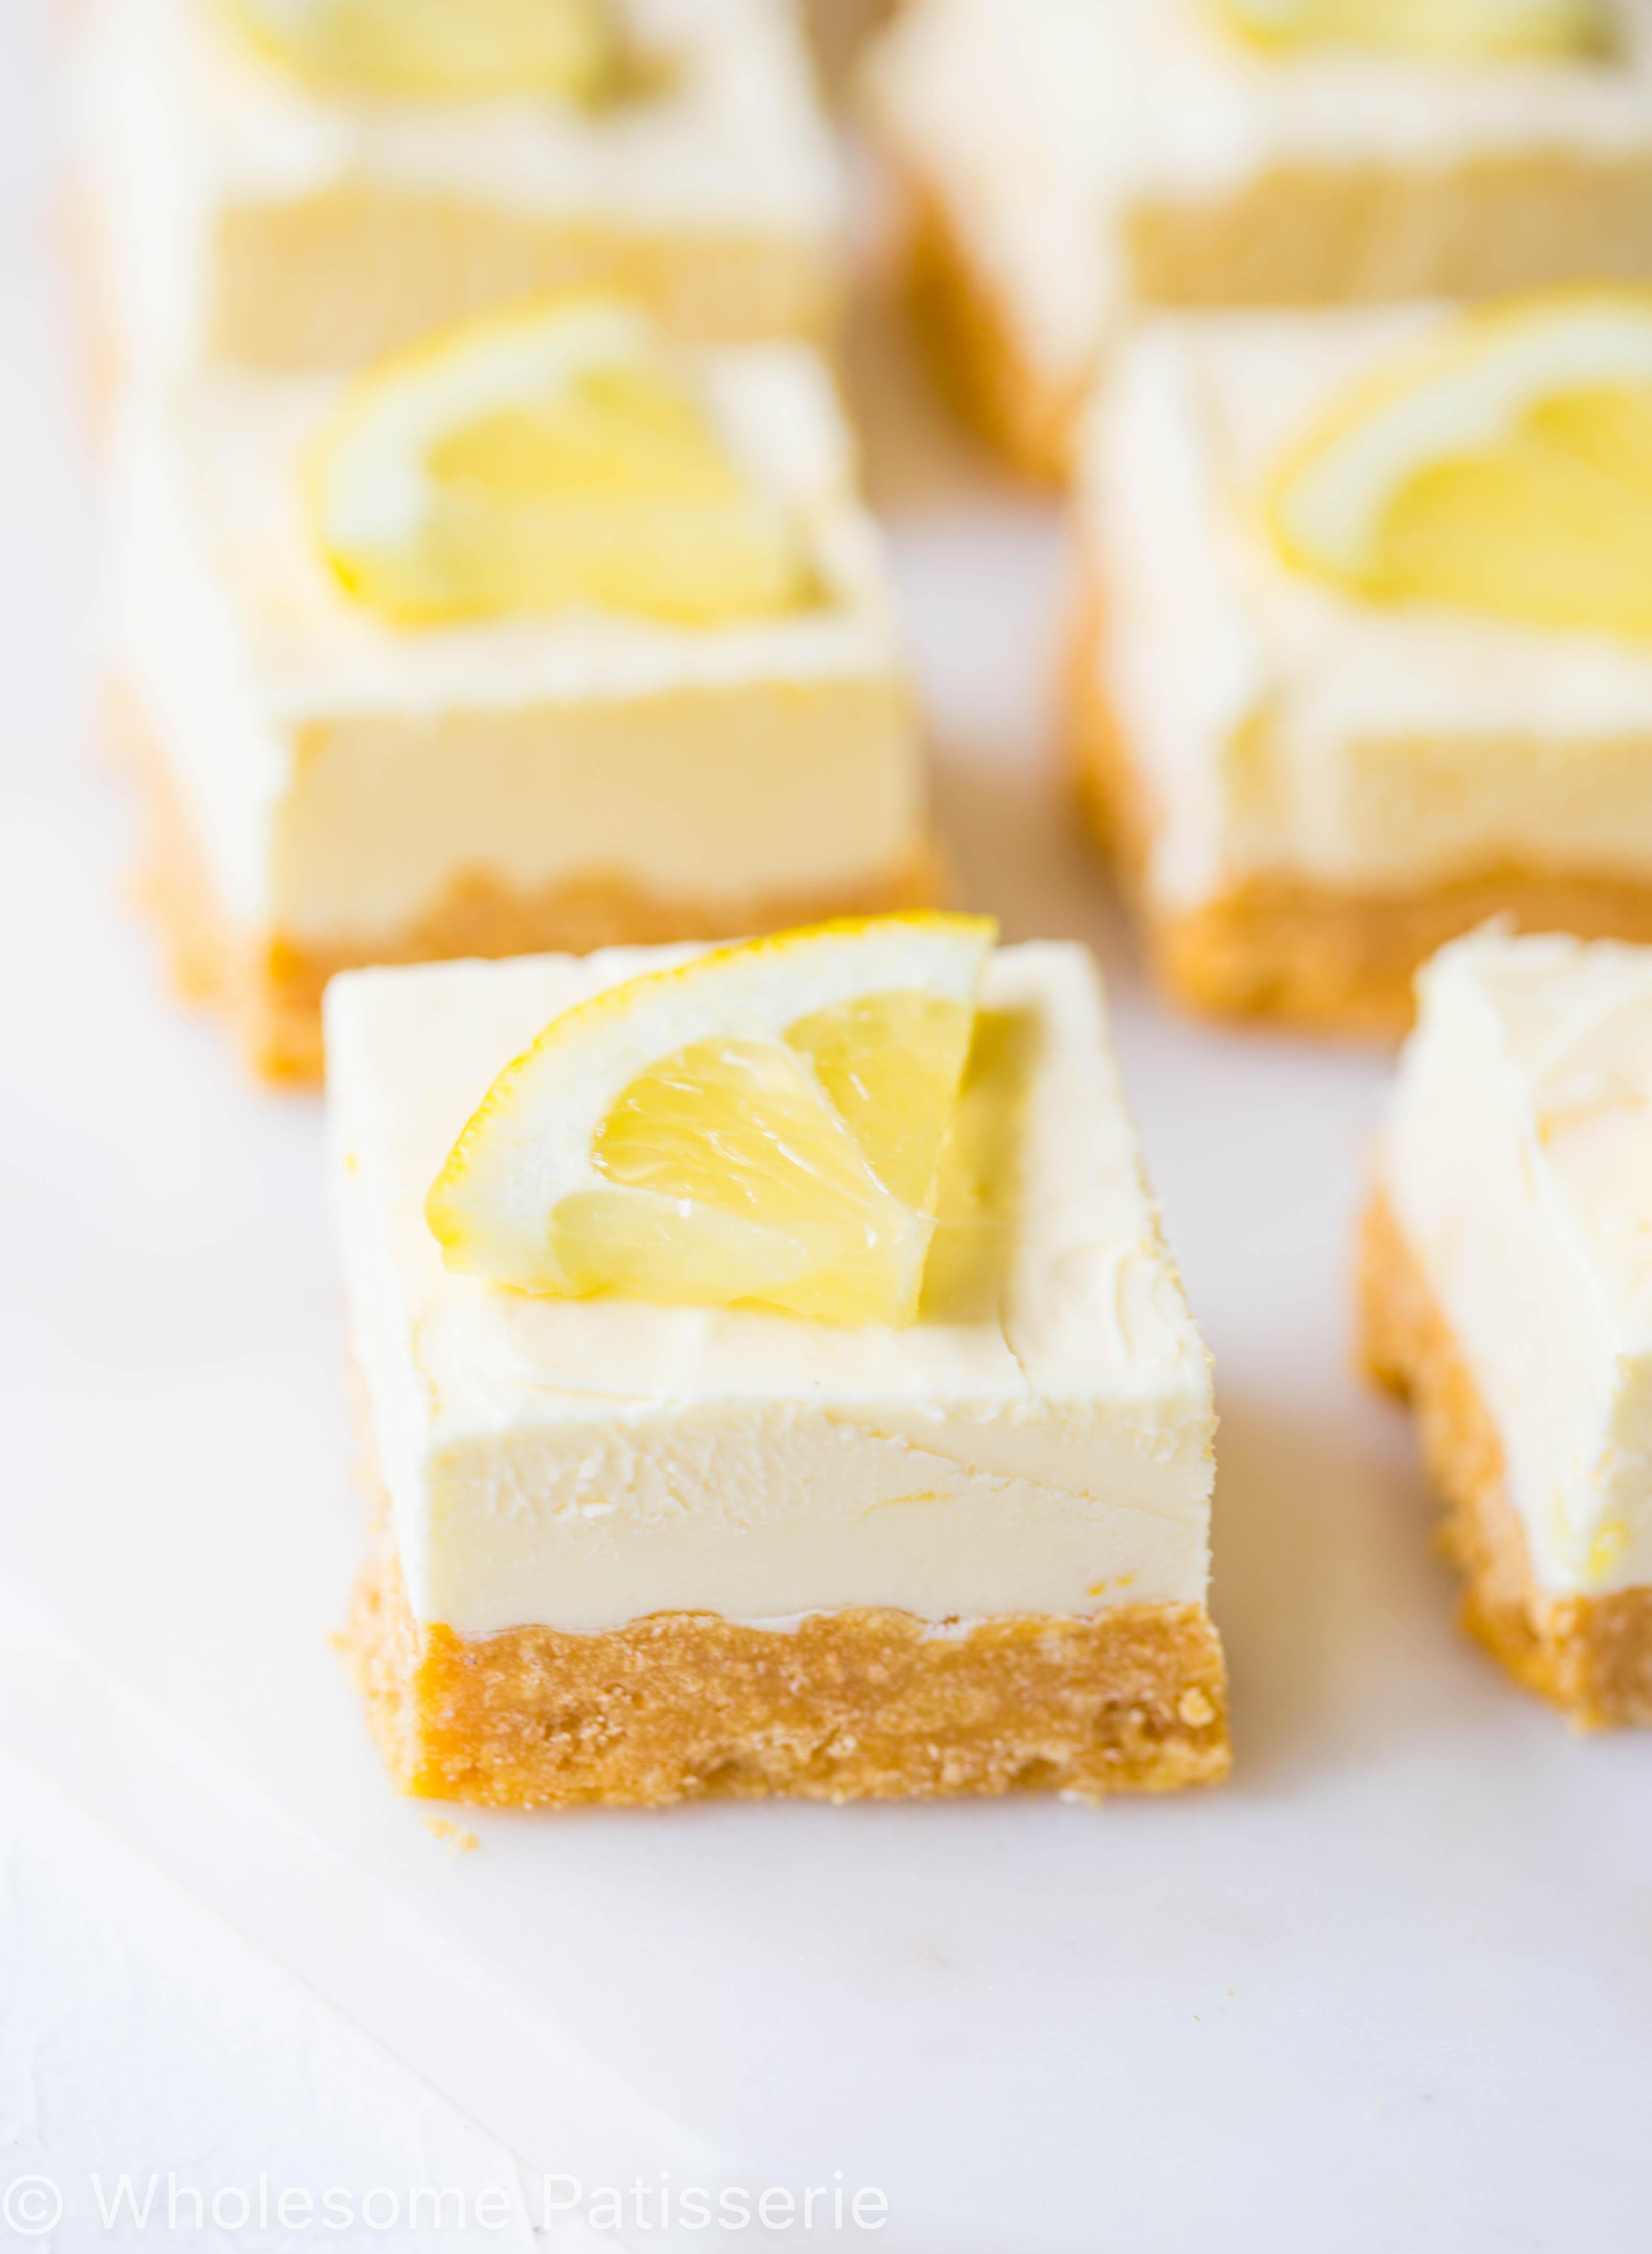 no-bake-lemon-cheesecake-slice-gluten-free-delicious-amazing-cake-lemon